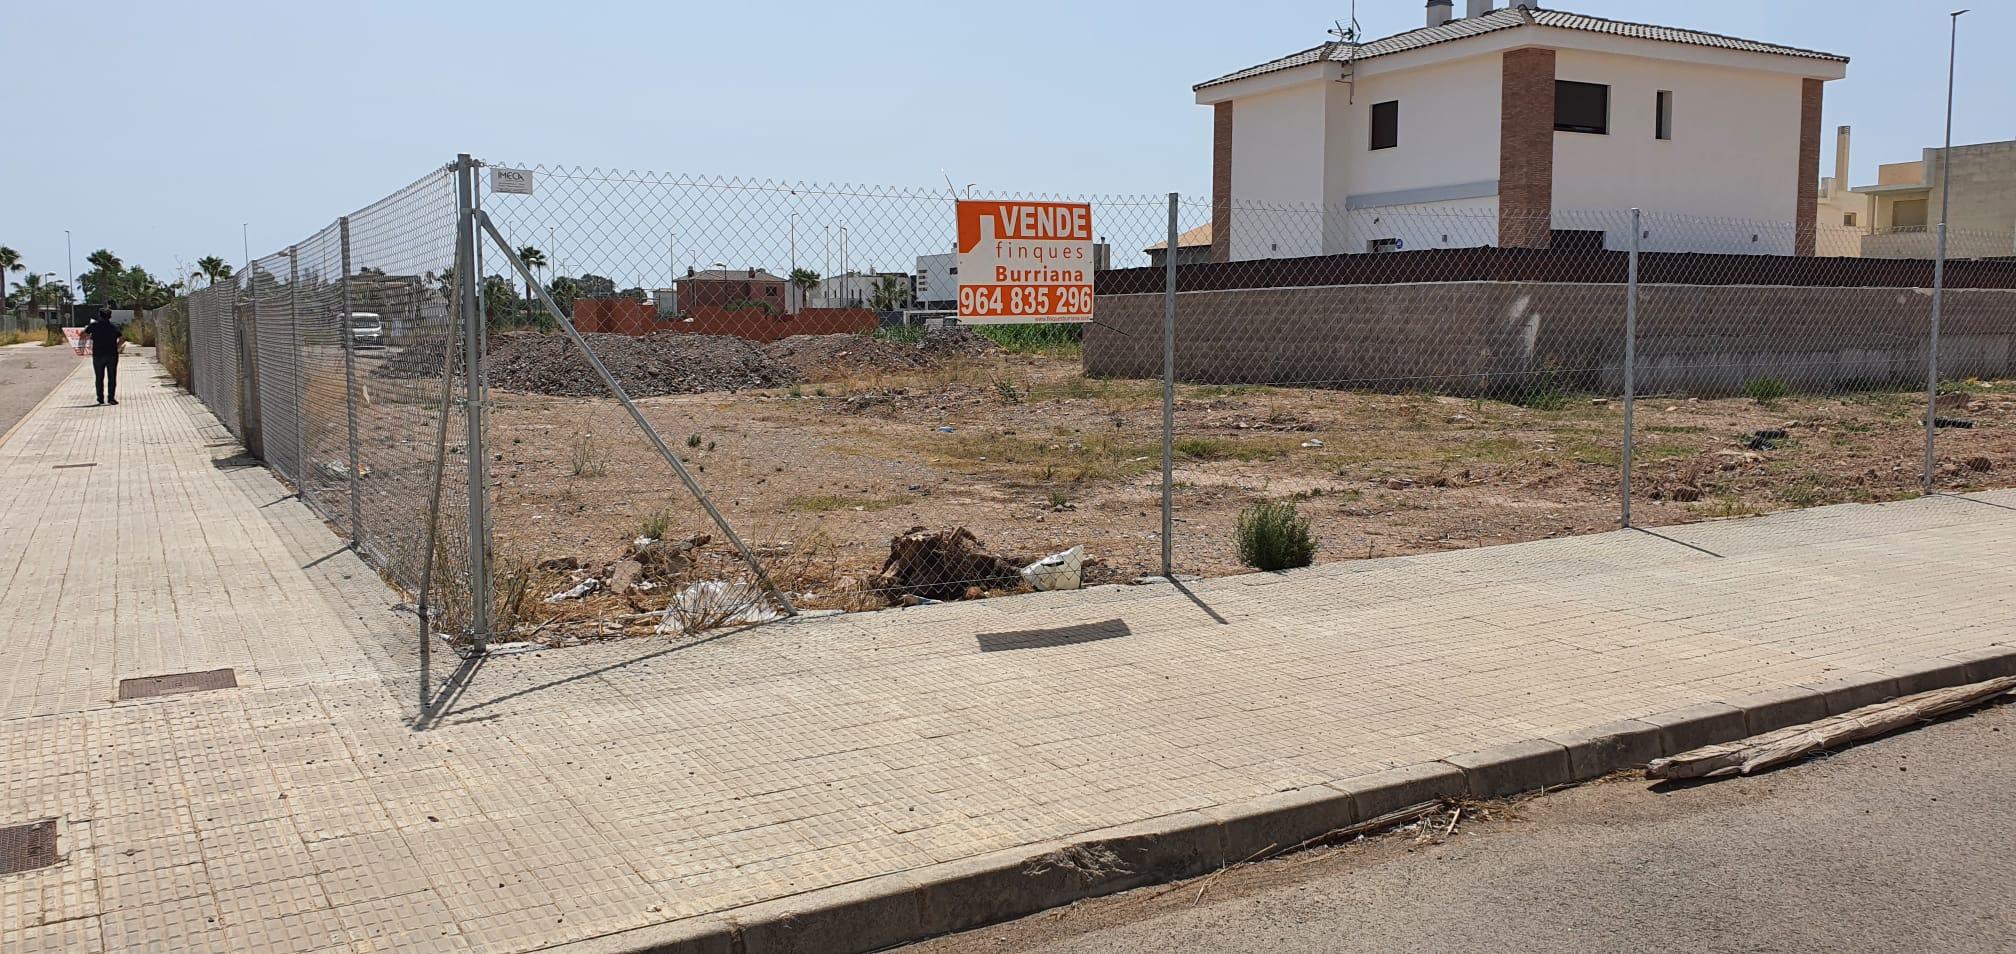 Parcelas Situadas Zona Puerto de Burriana desde 300m²